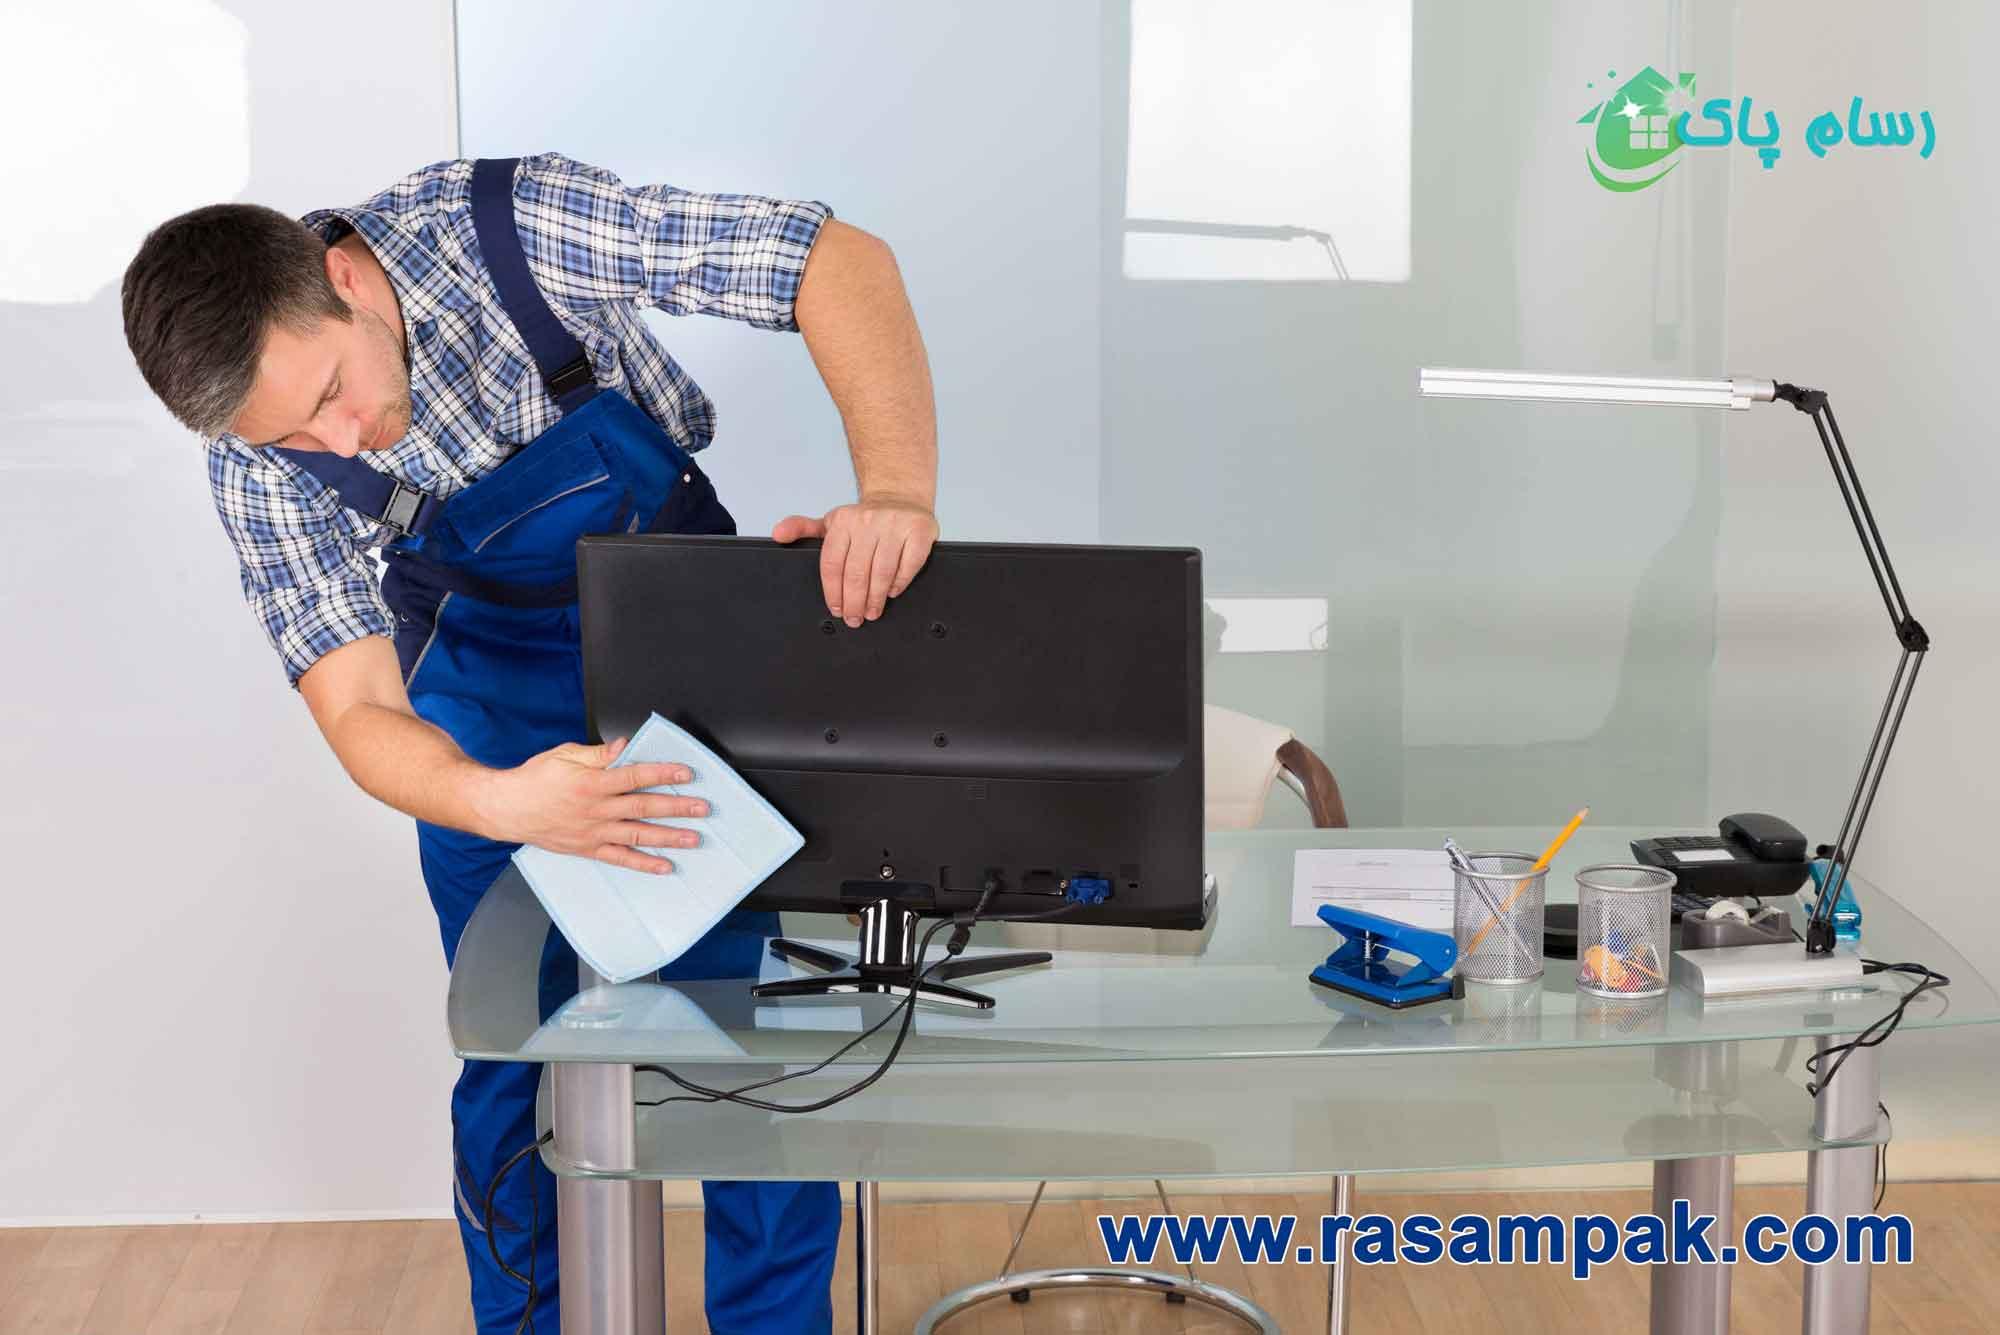 نظافت حرفه ای ادارات شرکت نظافتی در قیطریه